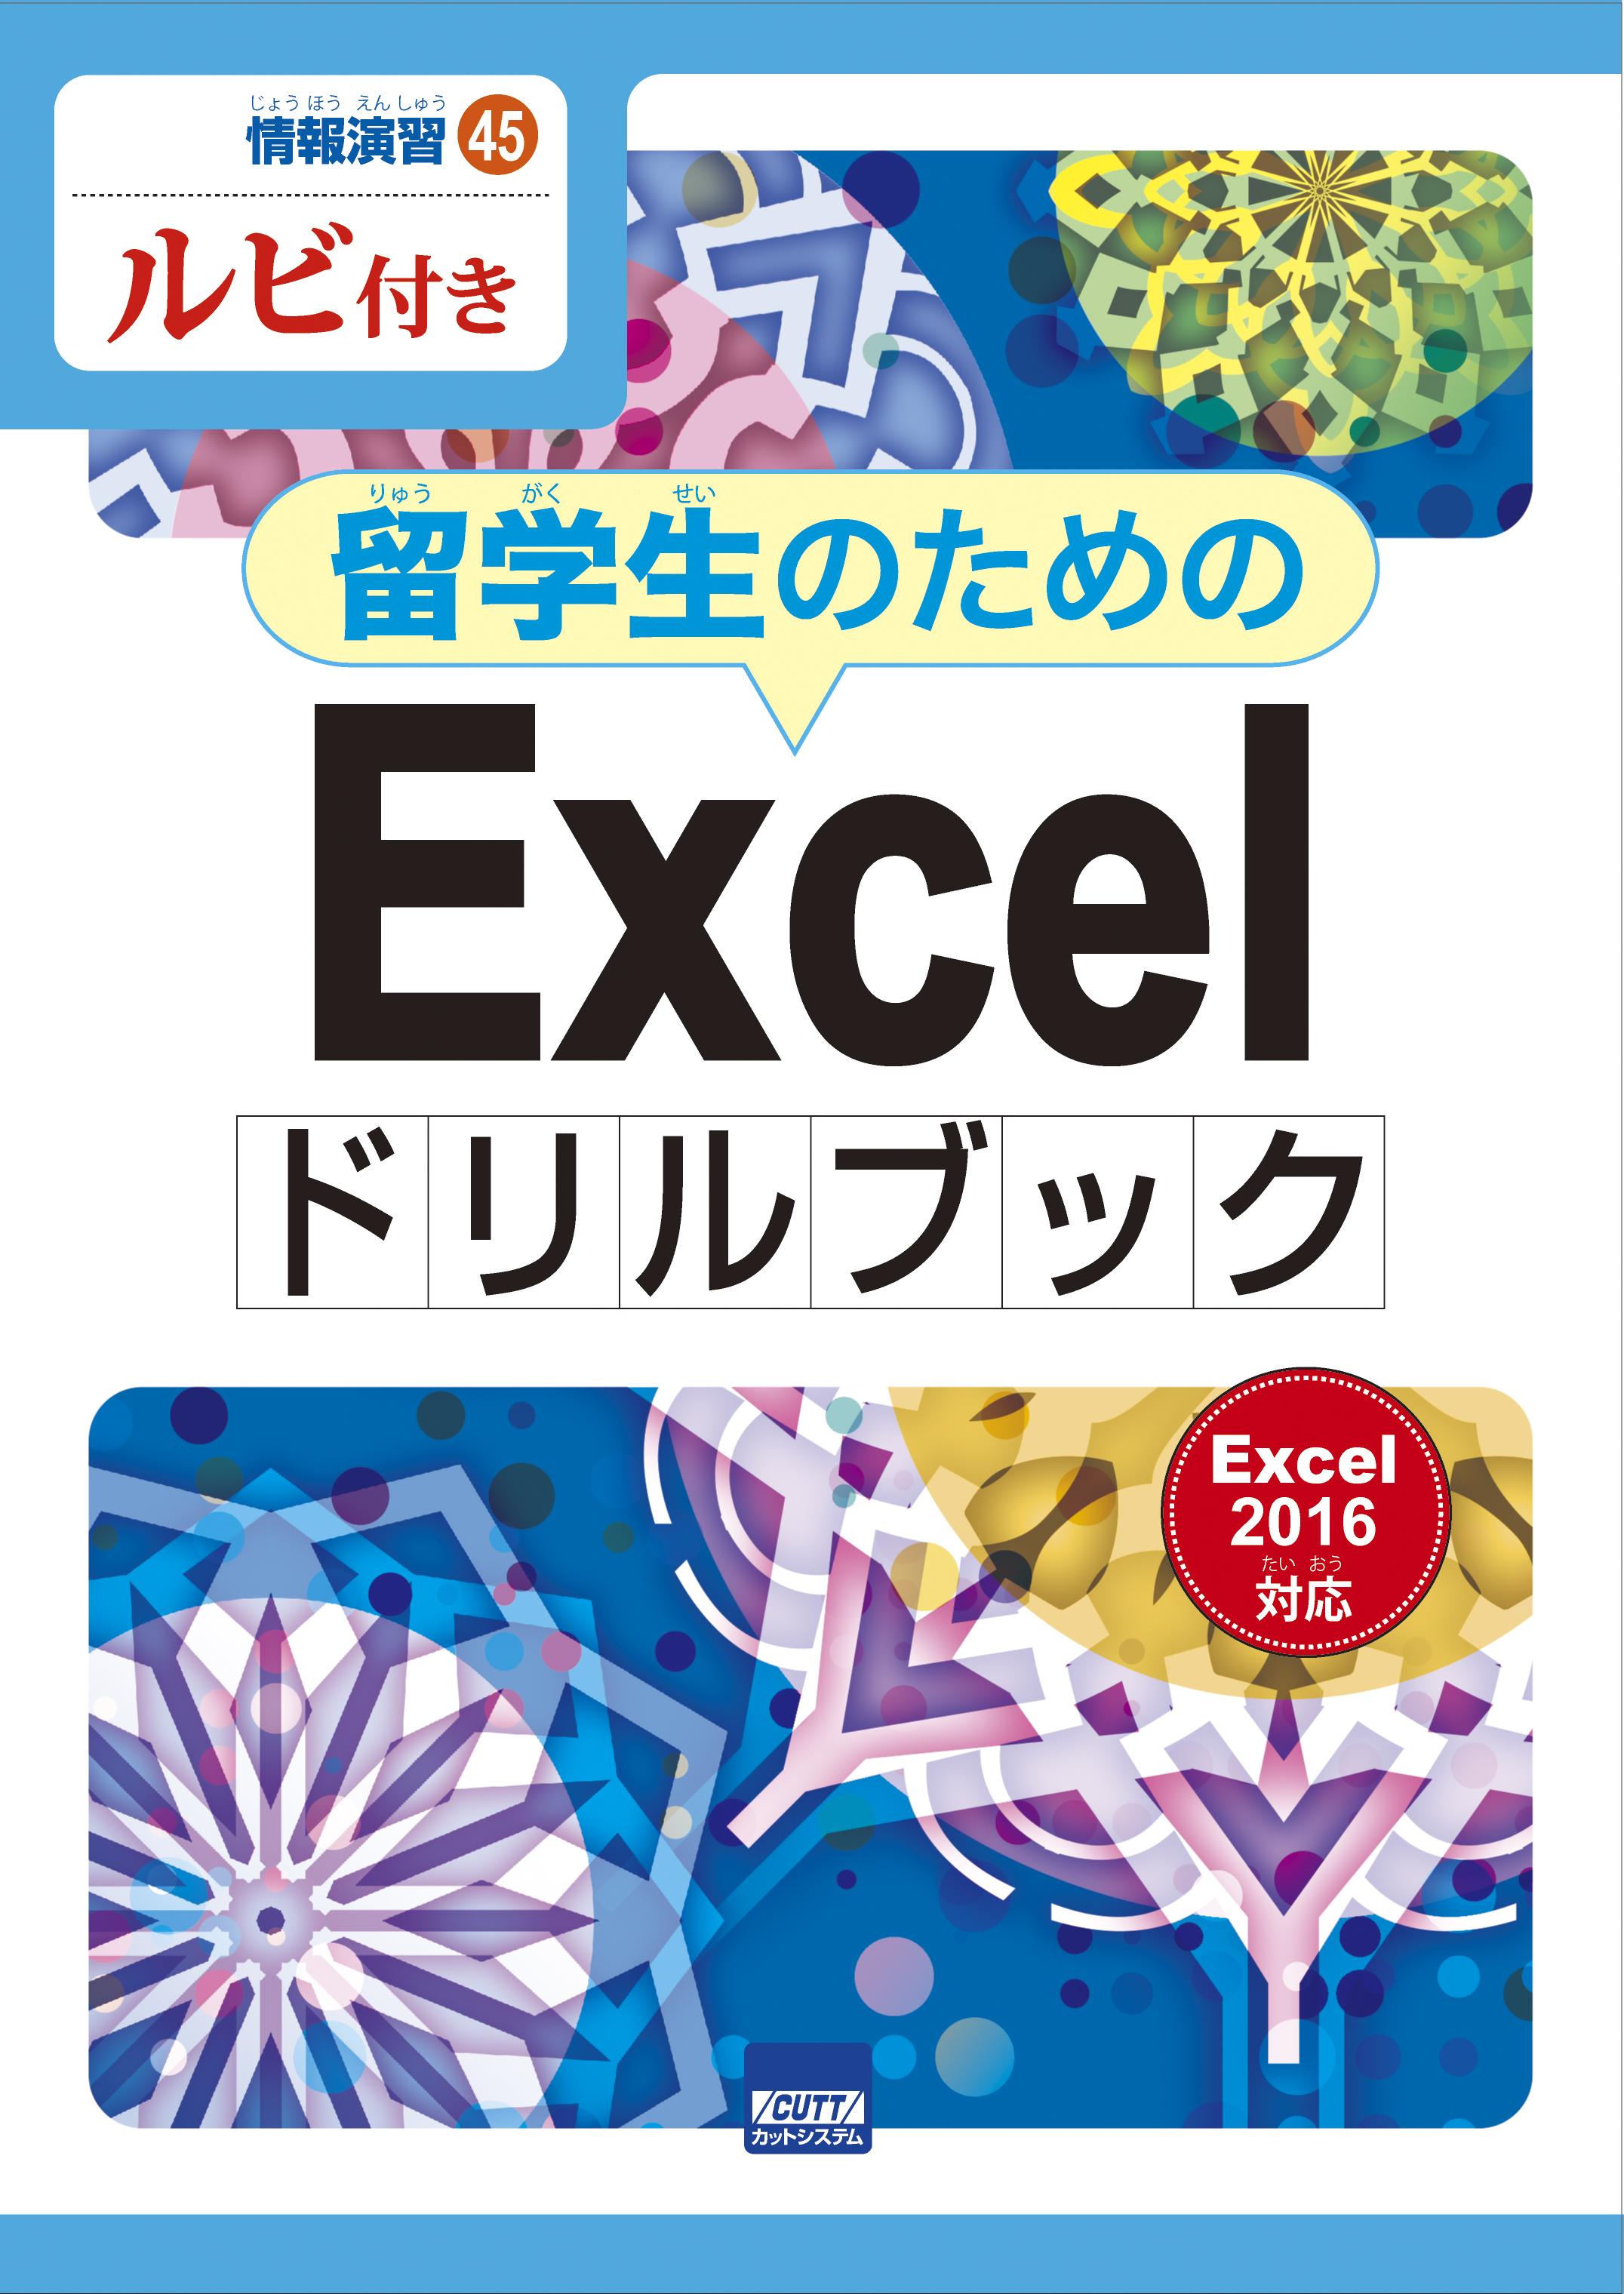 情報演習45 ルビ付き 留学生のためのExcelドリルブック Excel2016対応  画像